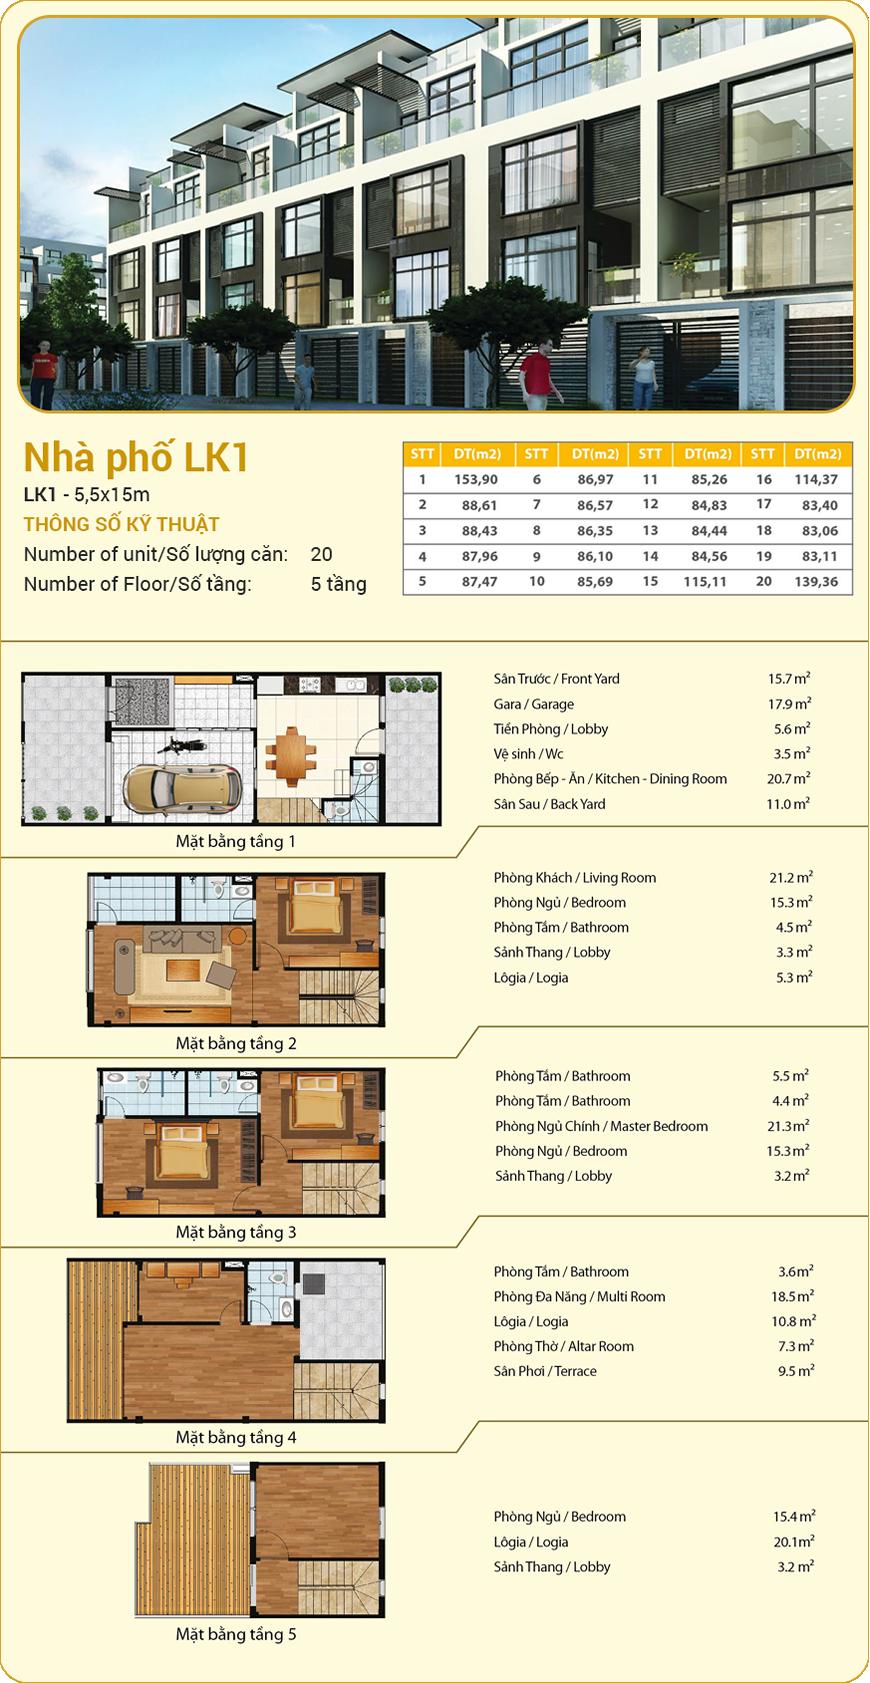 Mẫu thiết kế nhà liền kề LK1 dự án Hà Đô 756 Sài Gòn